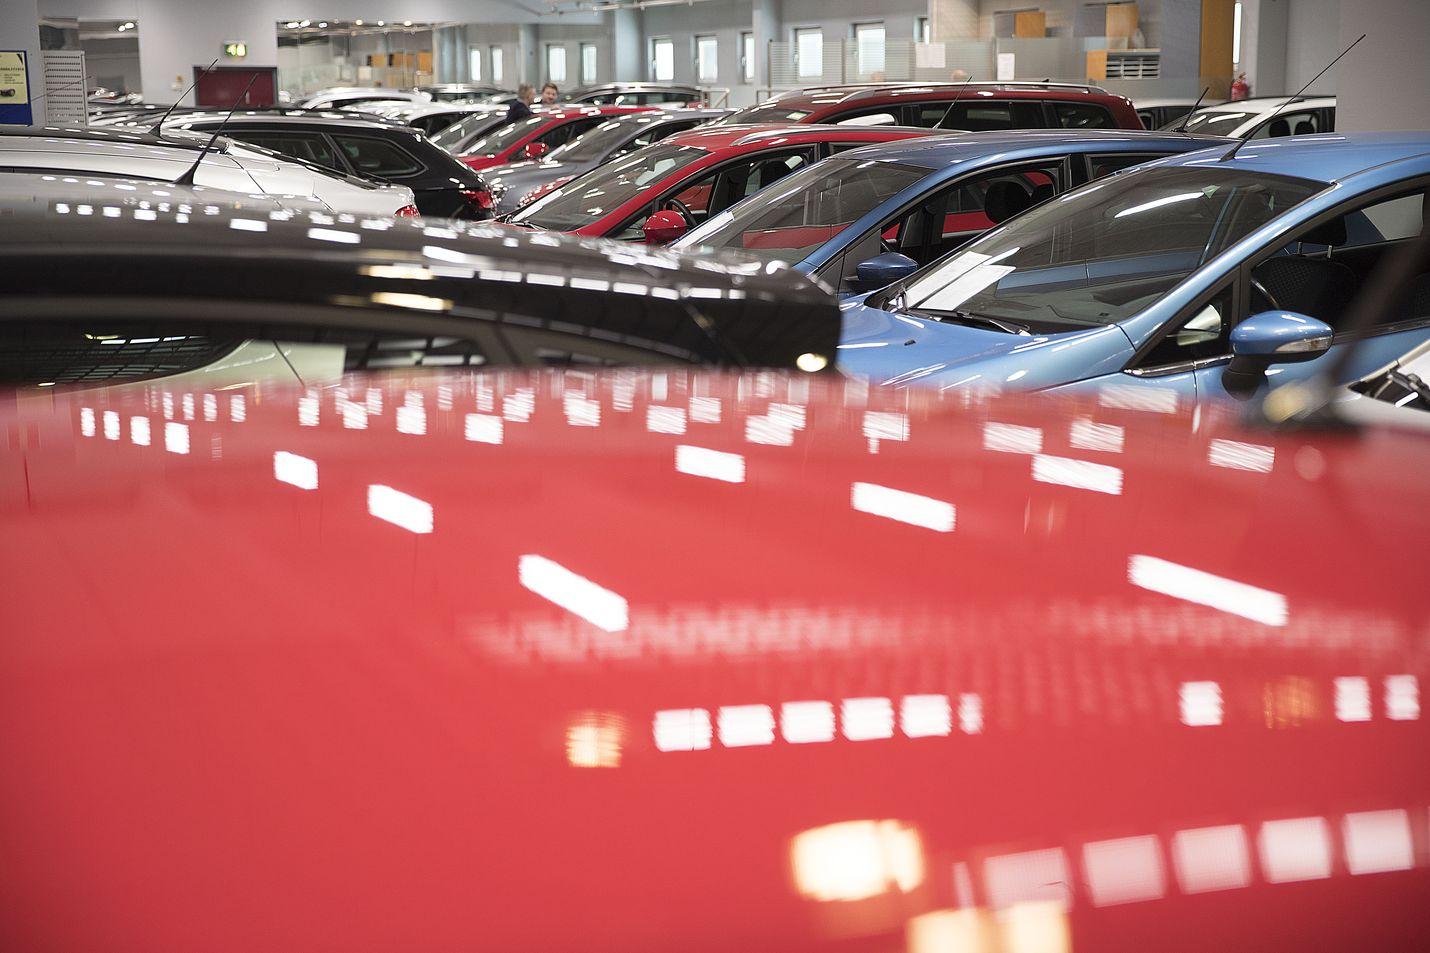 Isokyrö on Suomen autoistunein kunta. Siellä on myös tunnettu Tervajoen autokaupan keskittymä.